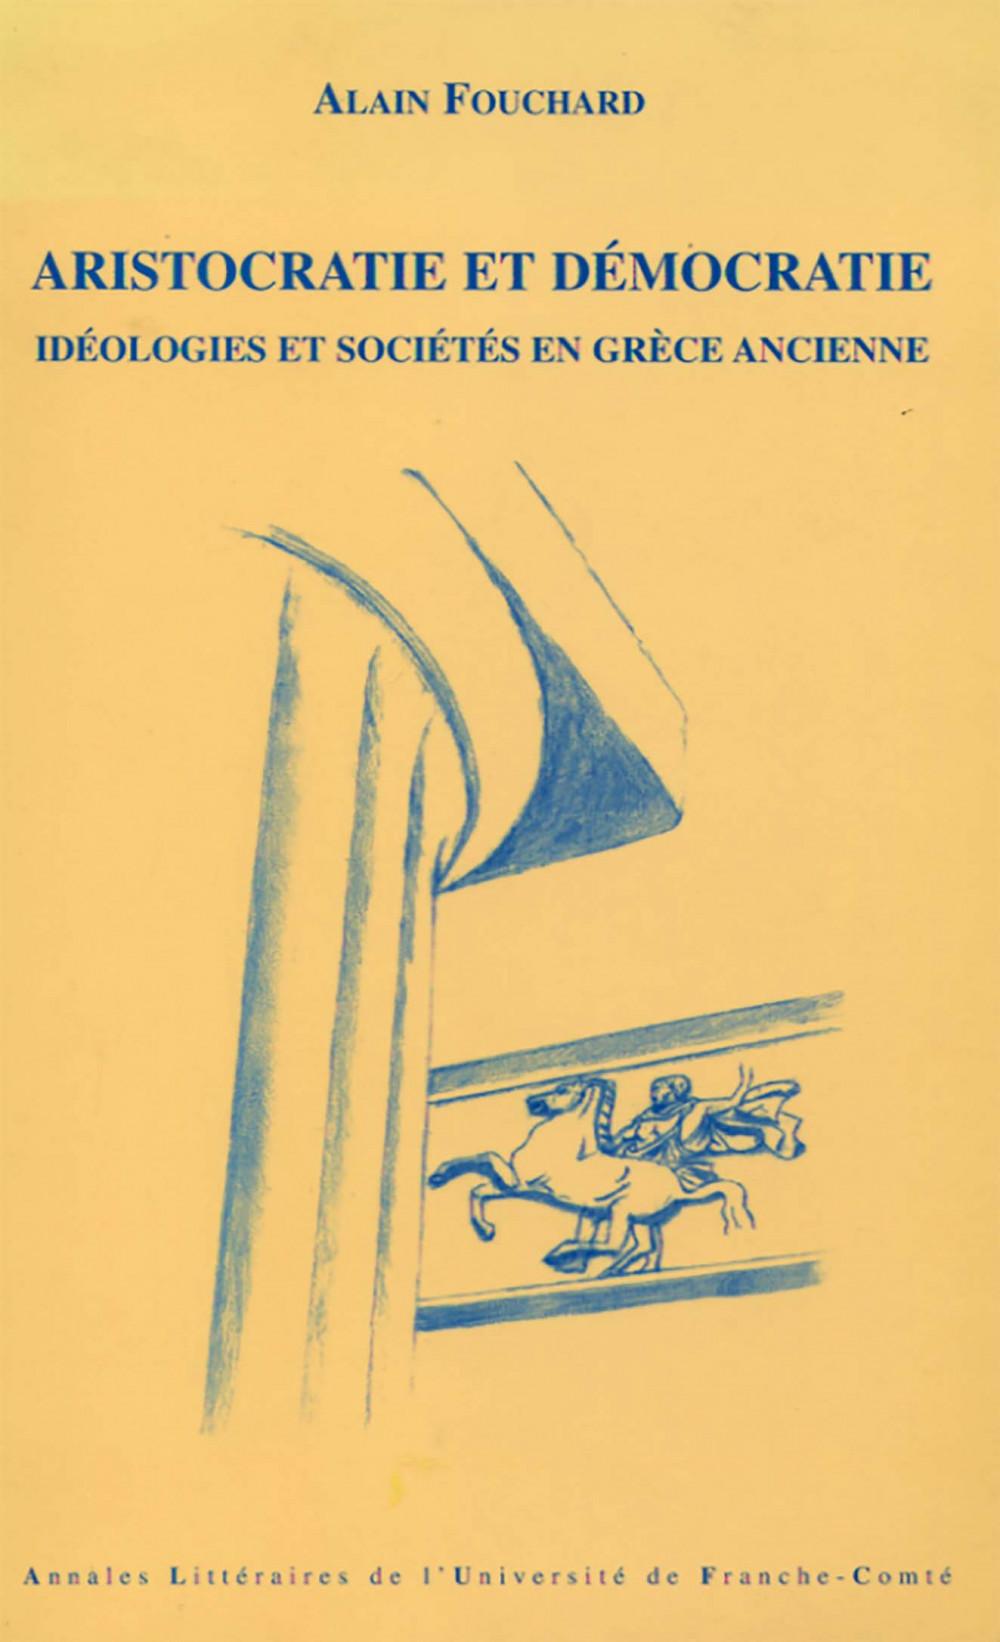 Aristocratie et Démocratie. Idéologies et sociétés en Grèce ancienne